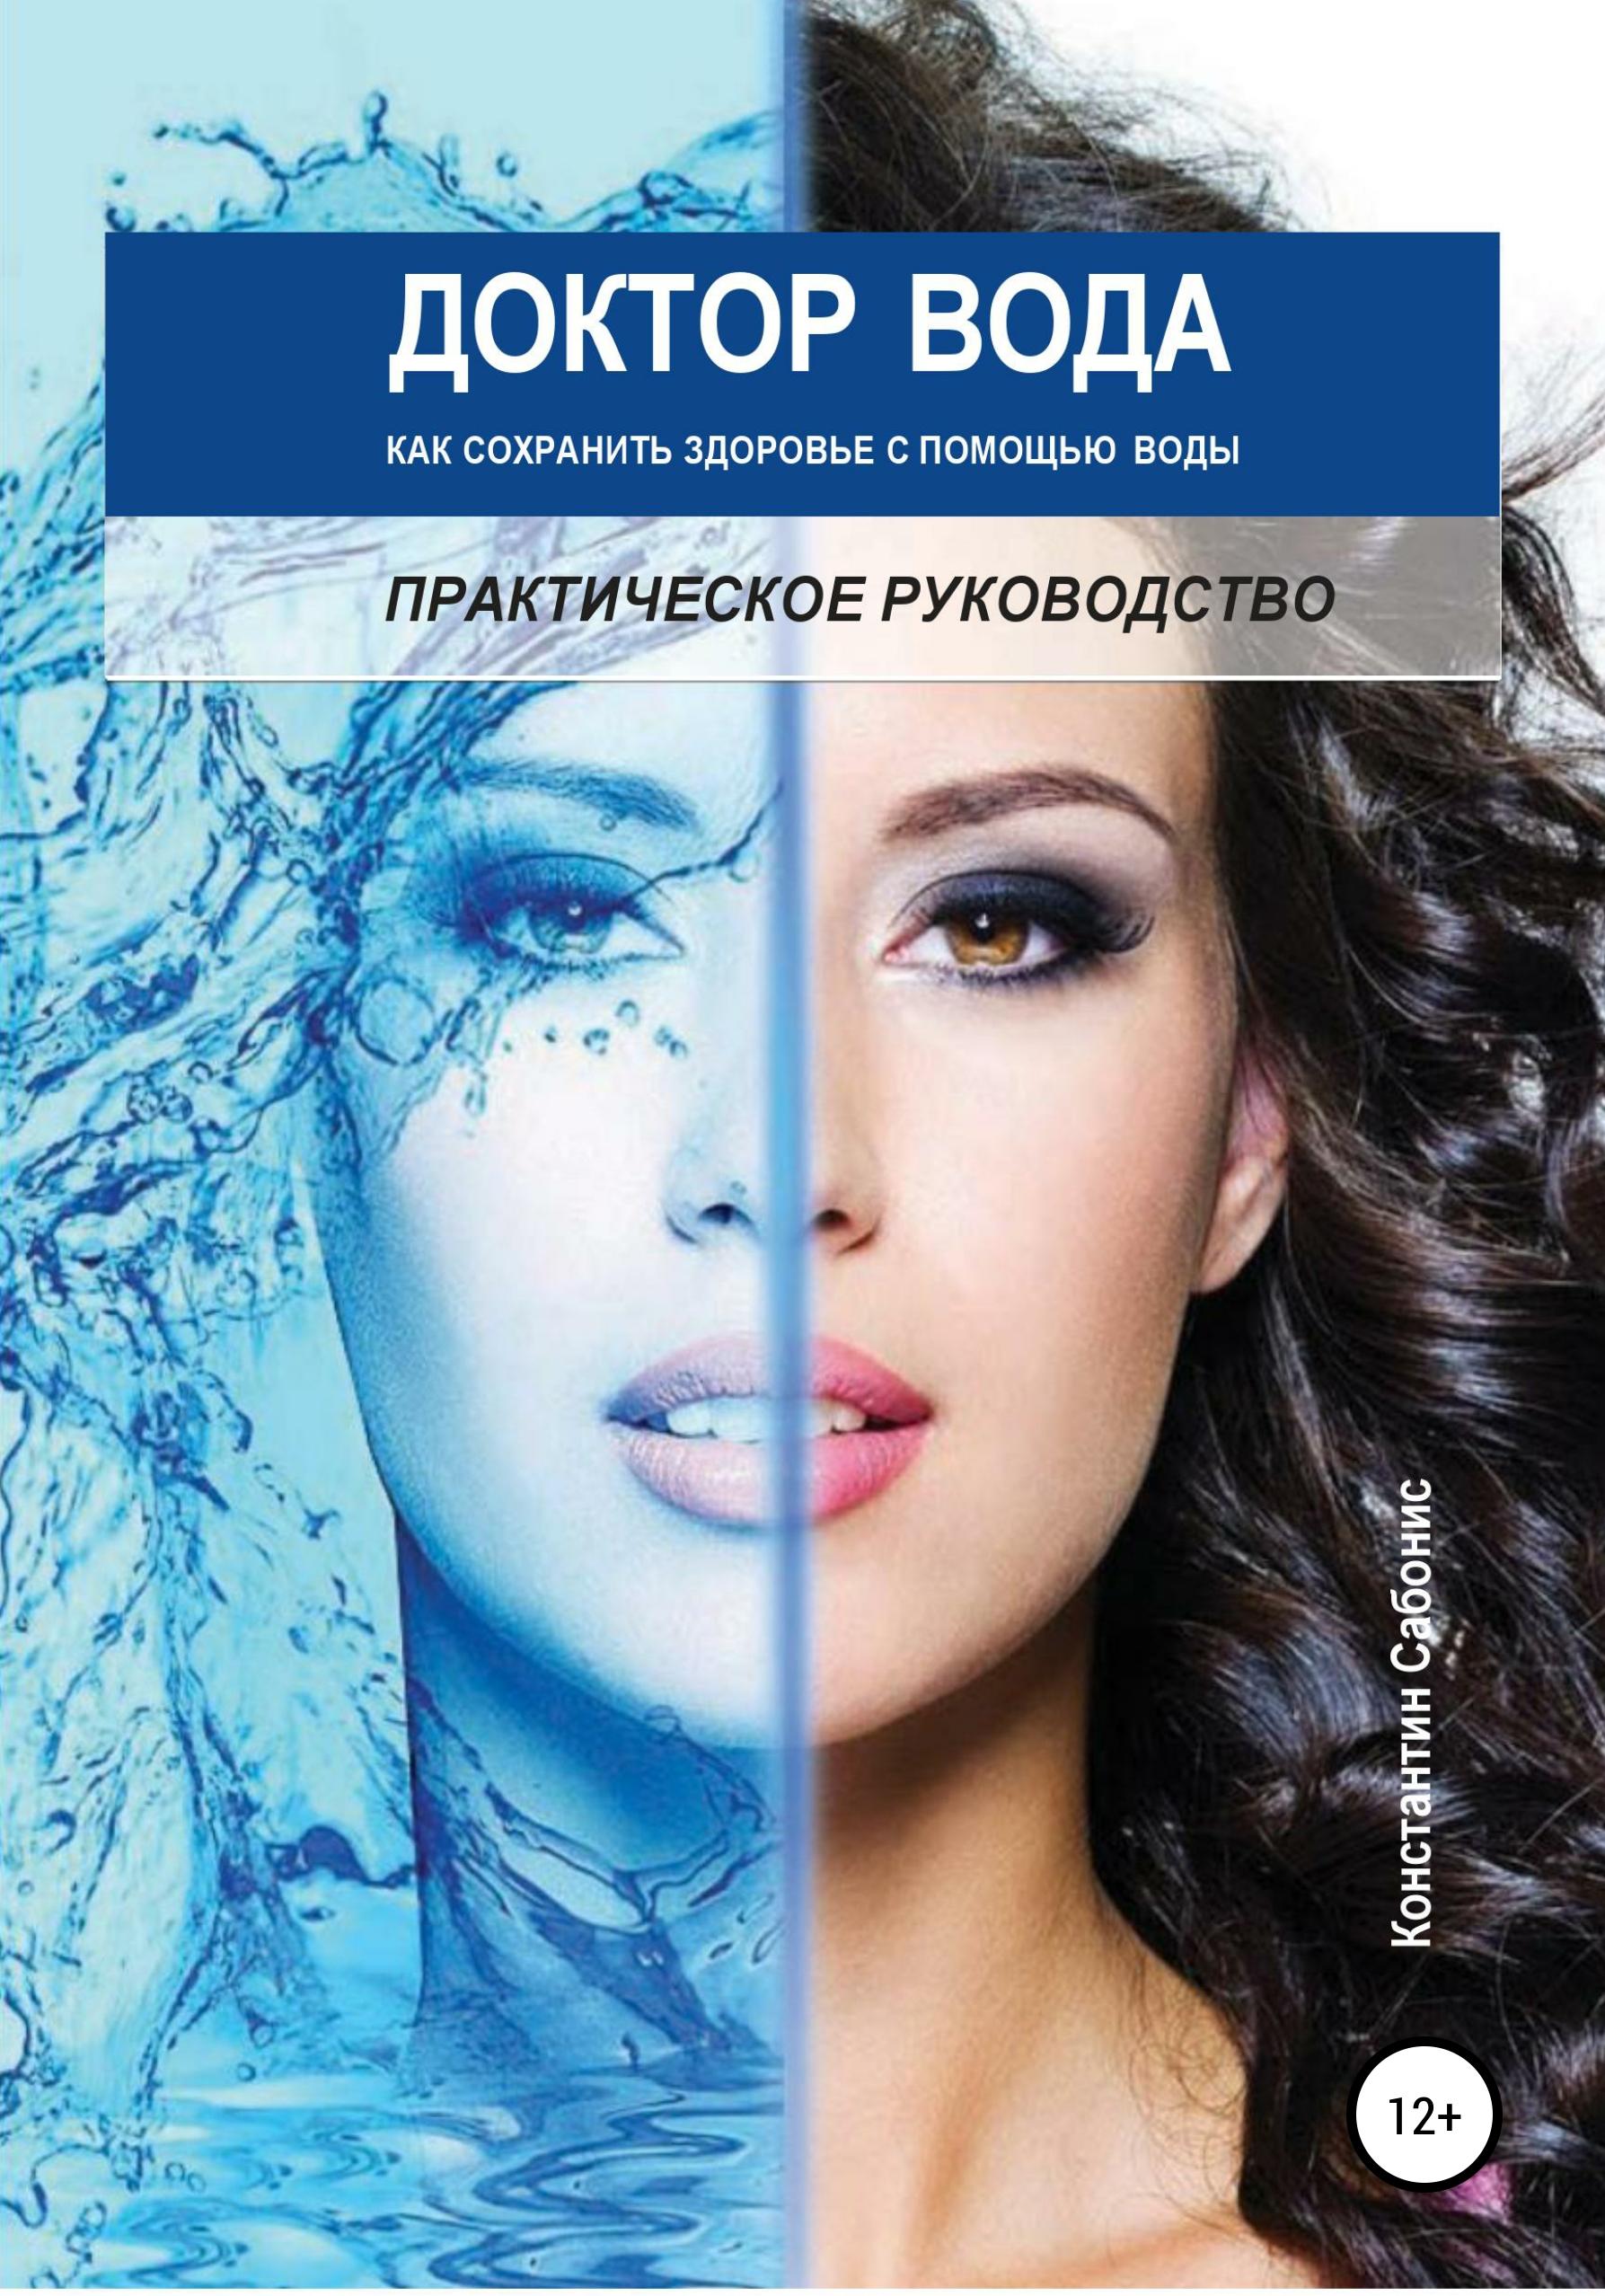 Доктор Вода: как сохранить здоровье с помощью воды